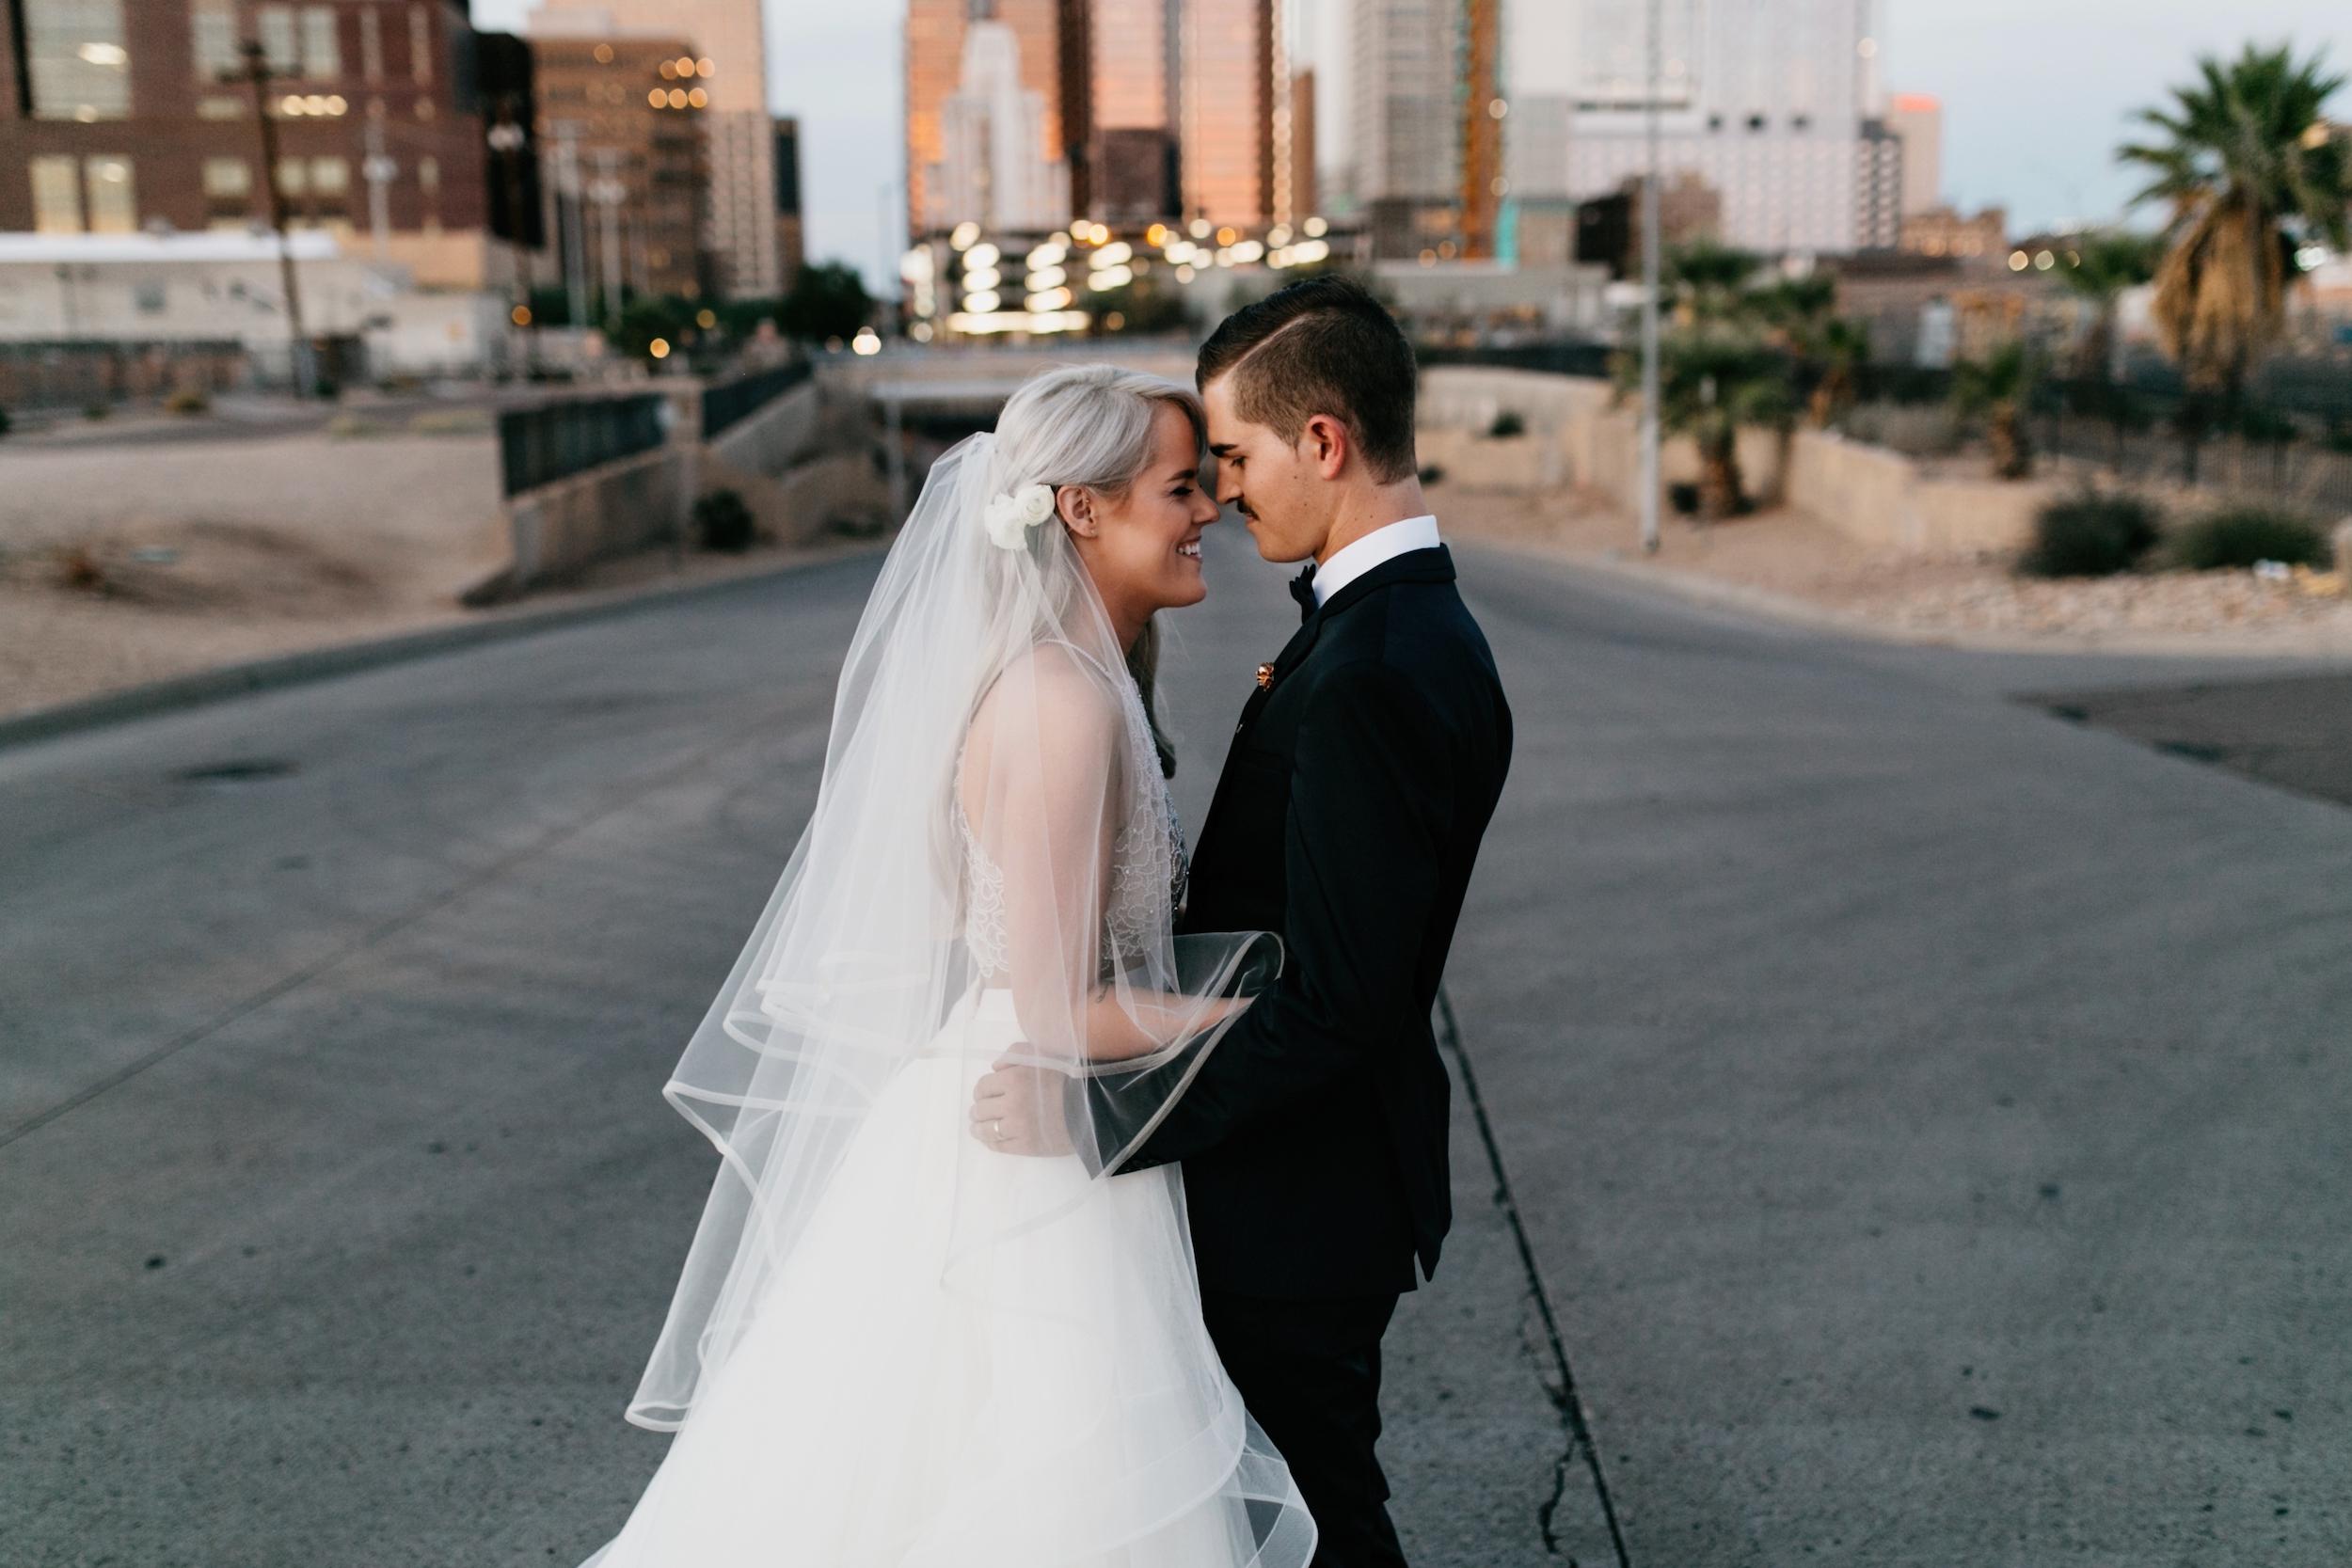 arizona - wedding - photography 01700.jpg